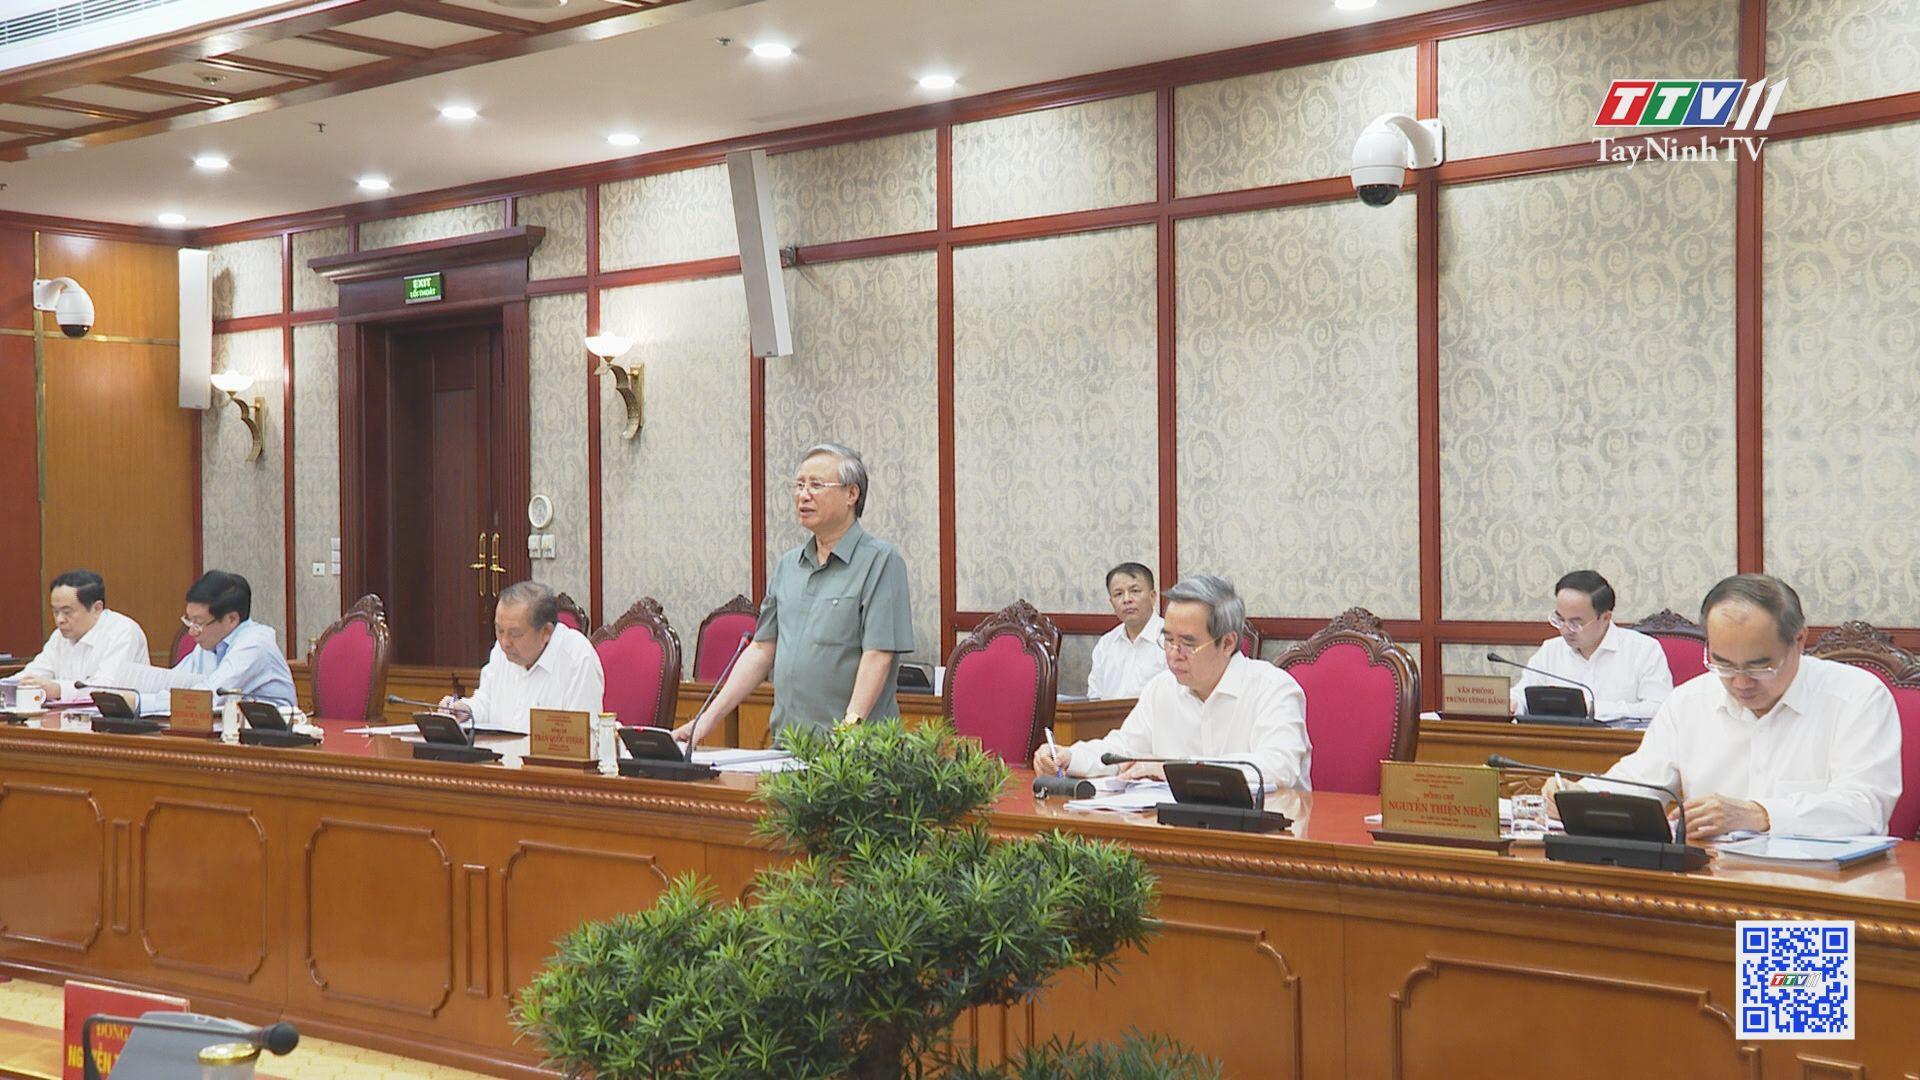 Hoàn thành đại hội 67 Đảng bộ trực thuộc Trung Ương | TIẾN TỚI ĐẠI HỘI ĐẢNG | TayNinhTV